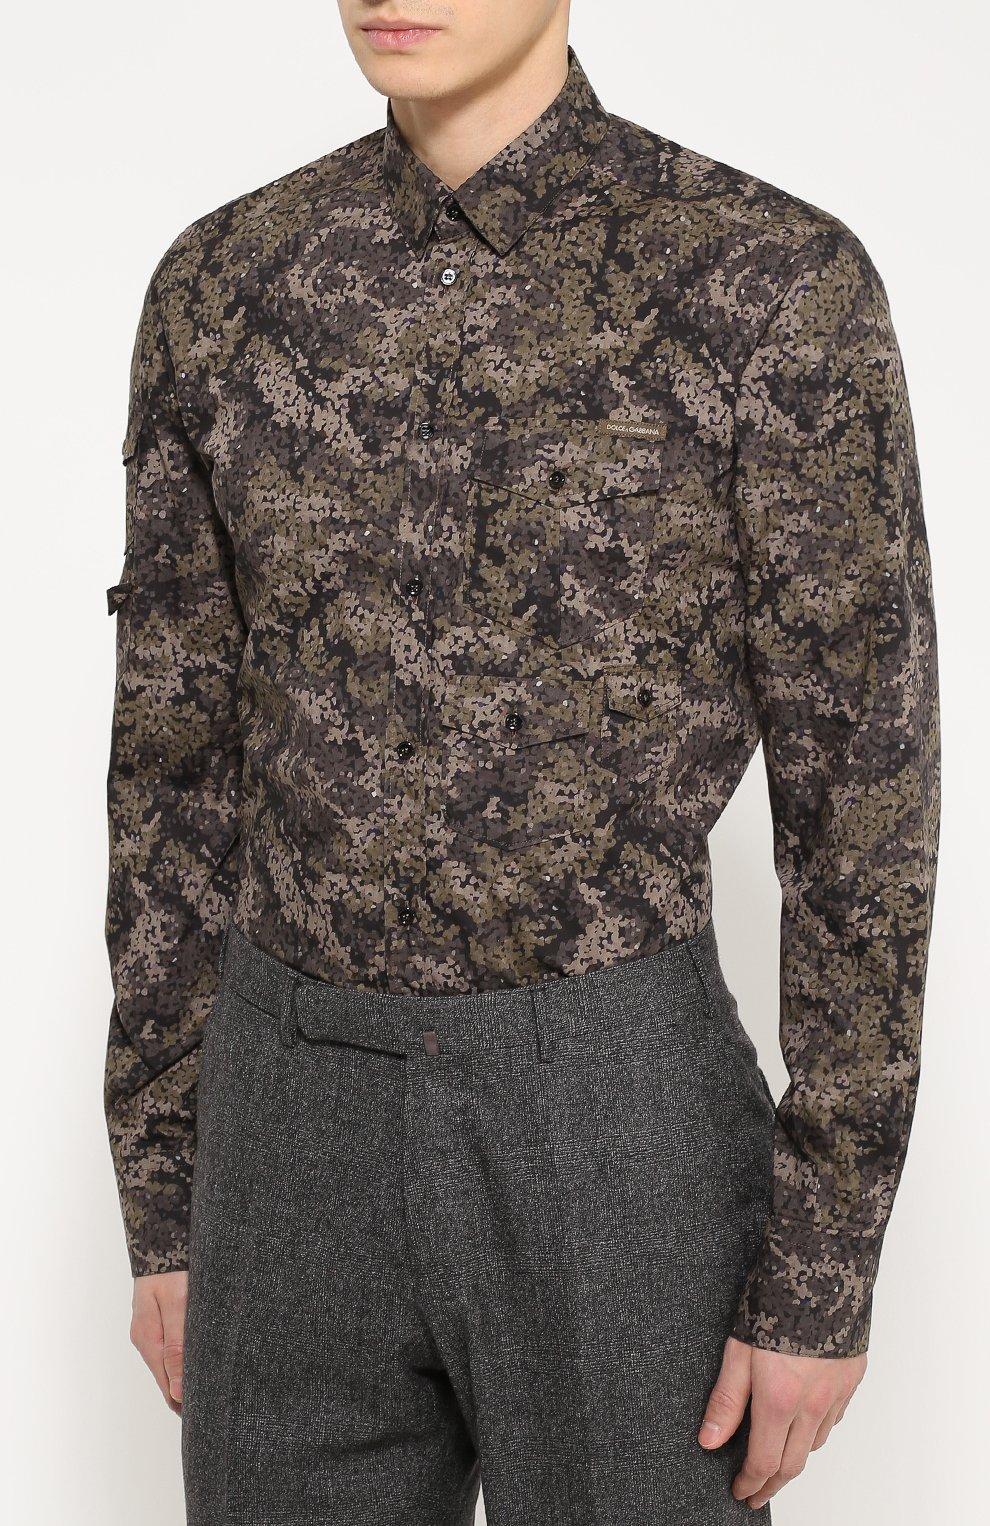 Хлопковая рубашка с камуфляжным принтом Dolce & Gabbana хаки | Фото №3